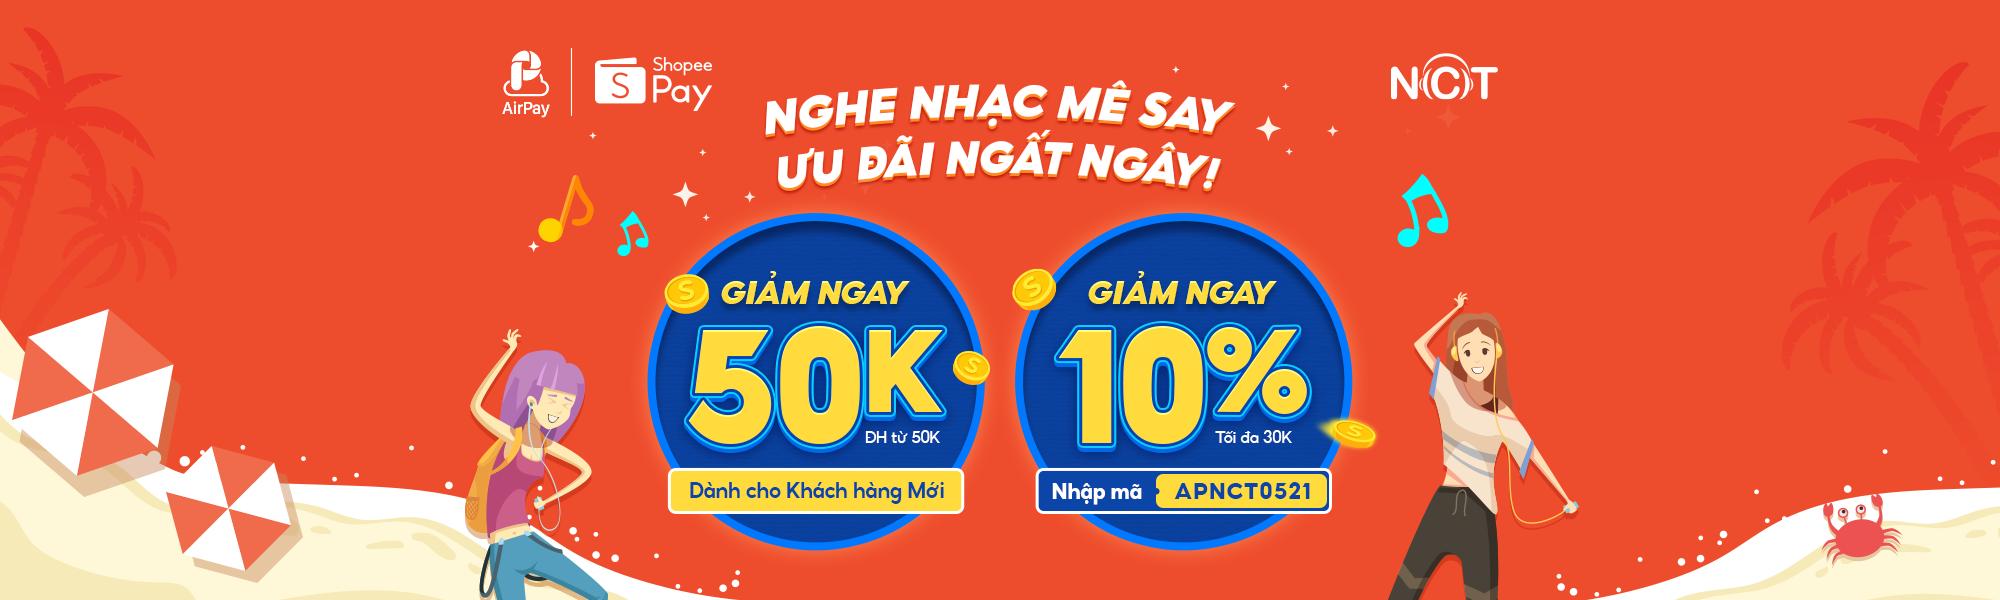 Nhac-Cua-Tui-Promotion